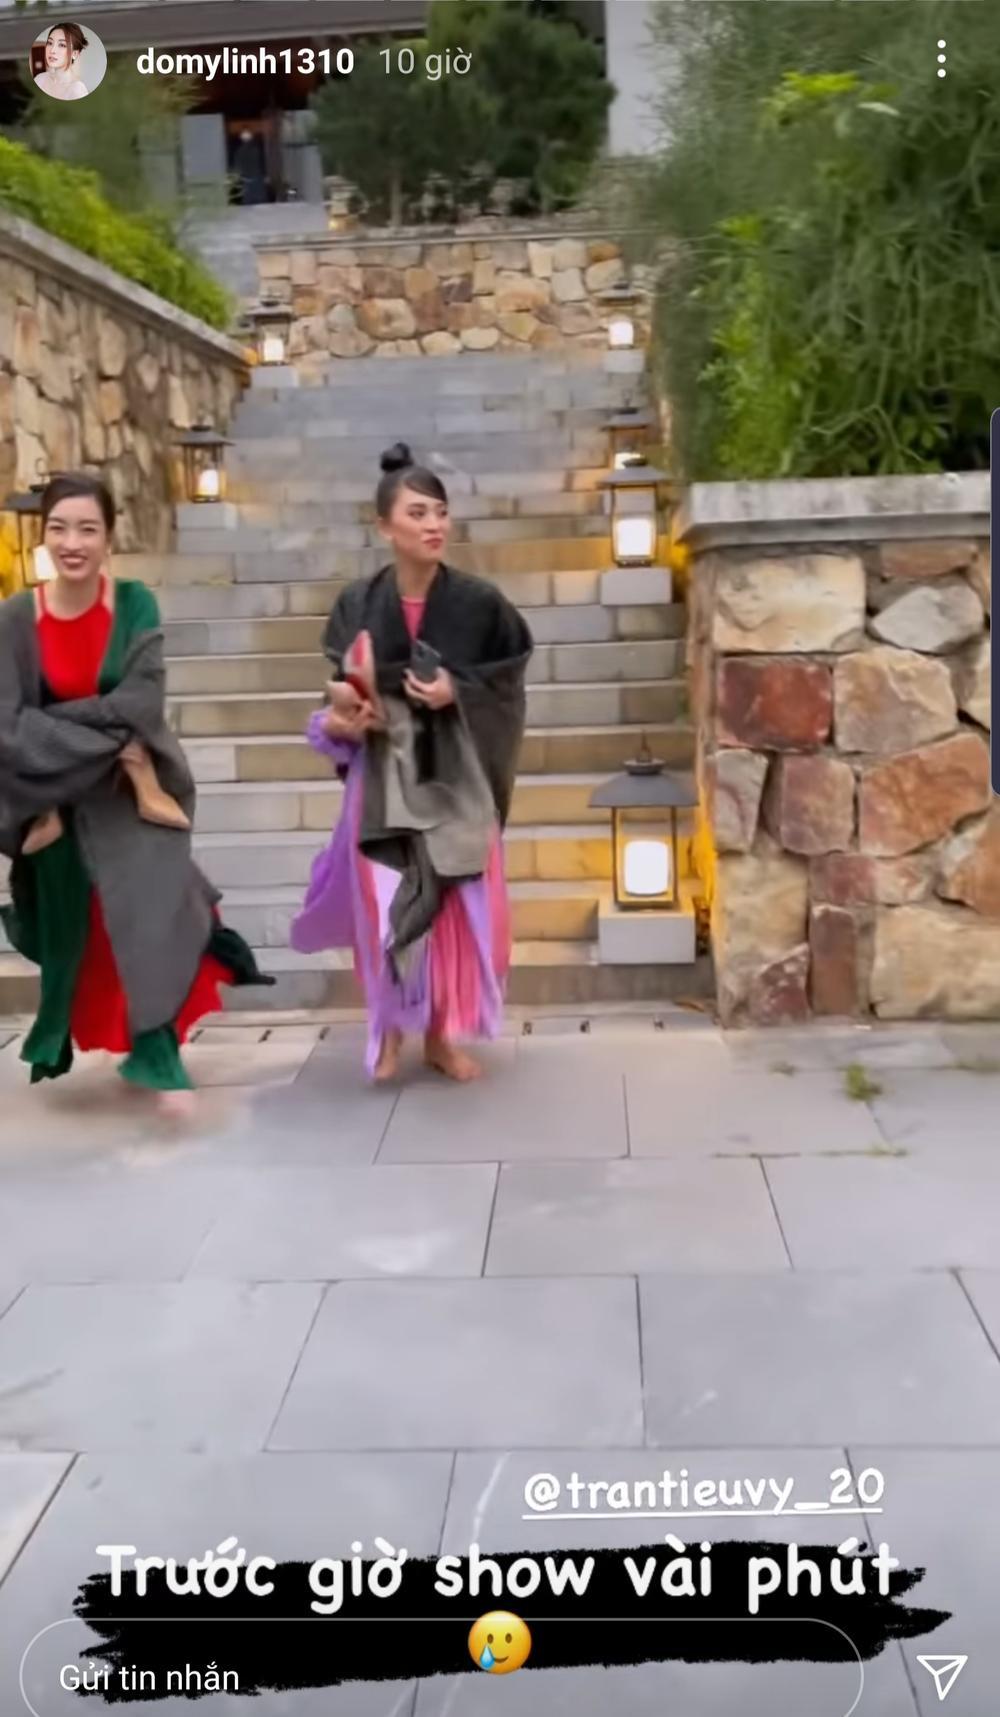 Đỗ Mỹ Linh, Tiểu Vy lên đồ lộng lẫy nhưng ôm giày chạy vì sợ trễ show khiến fan phì cười Ảnh 2